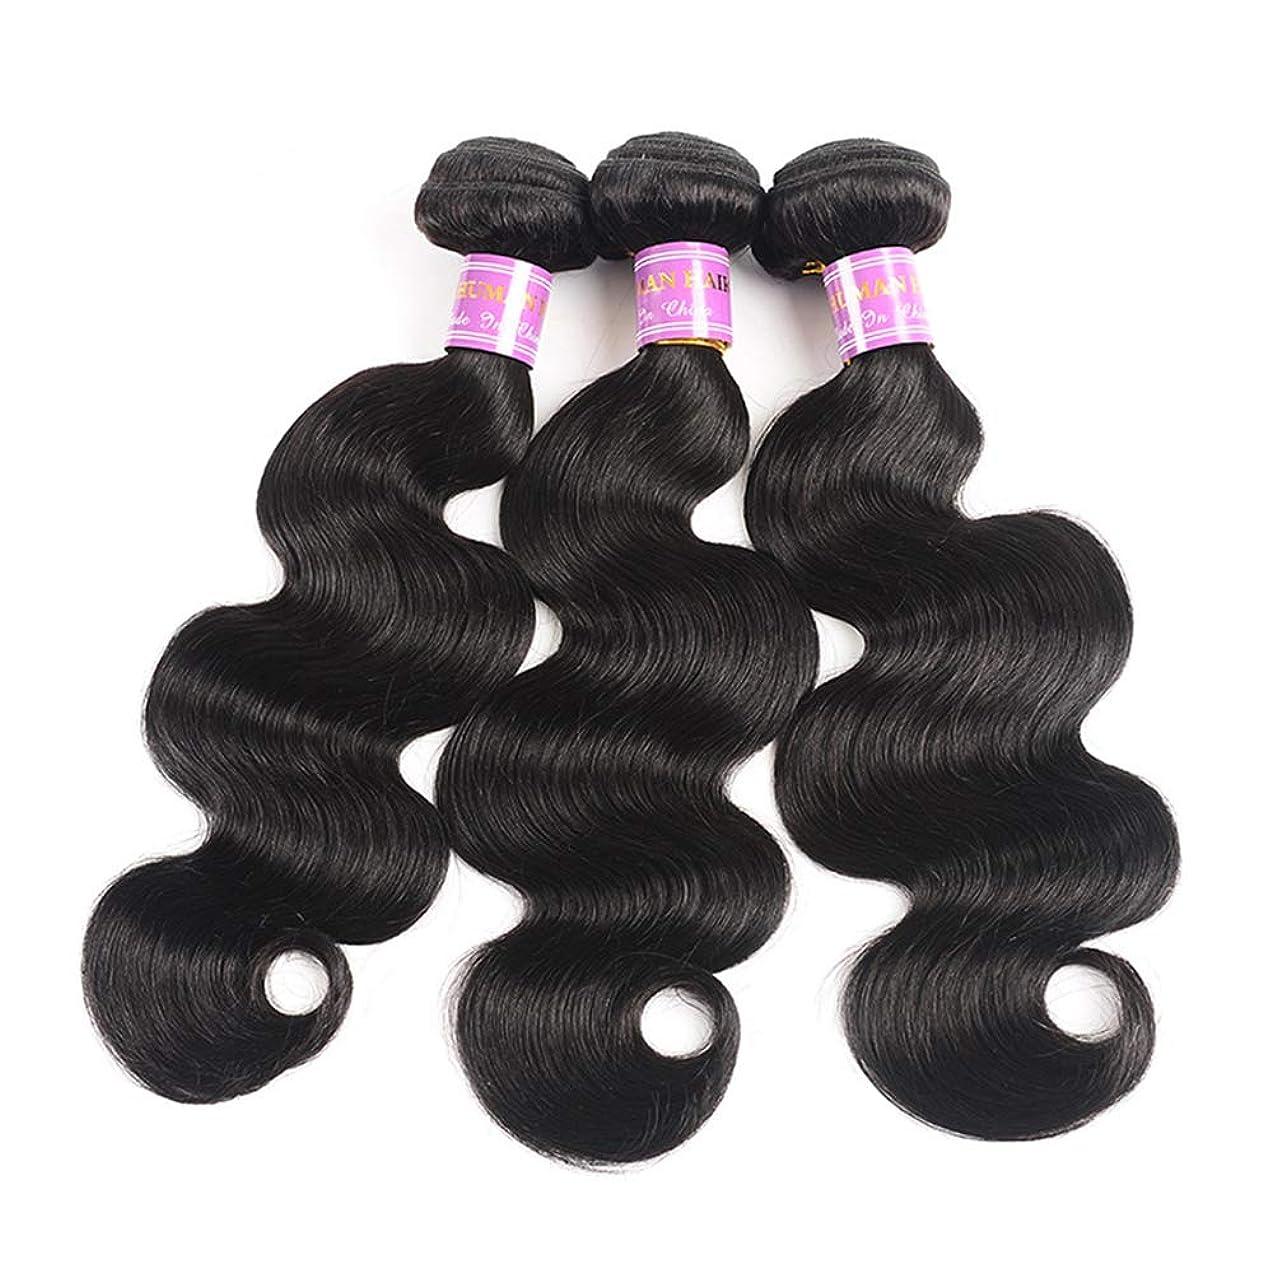 干渉アンケート無視できる毛織りブラジル実体波バージンヘア1バンドルで閉鎖無料部分100%未処理の人間の髪の毛のremy毛延長色100g /個